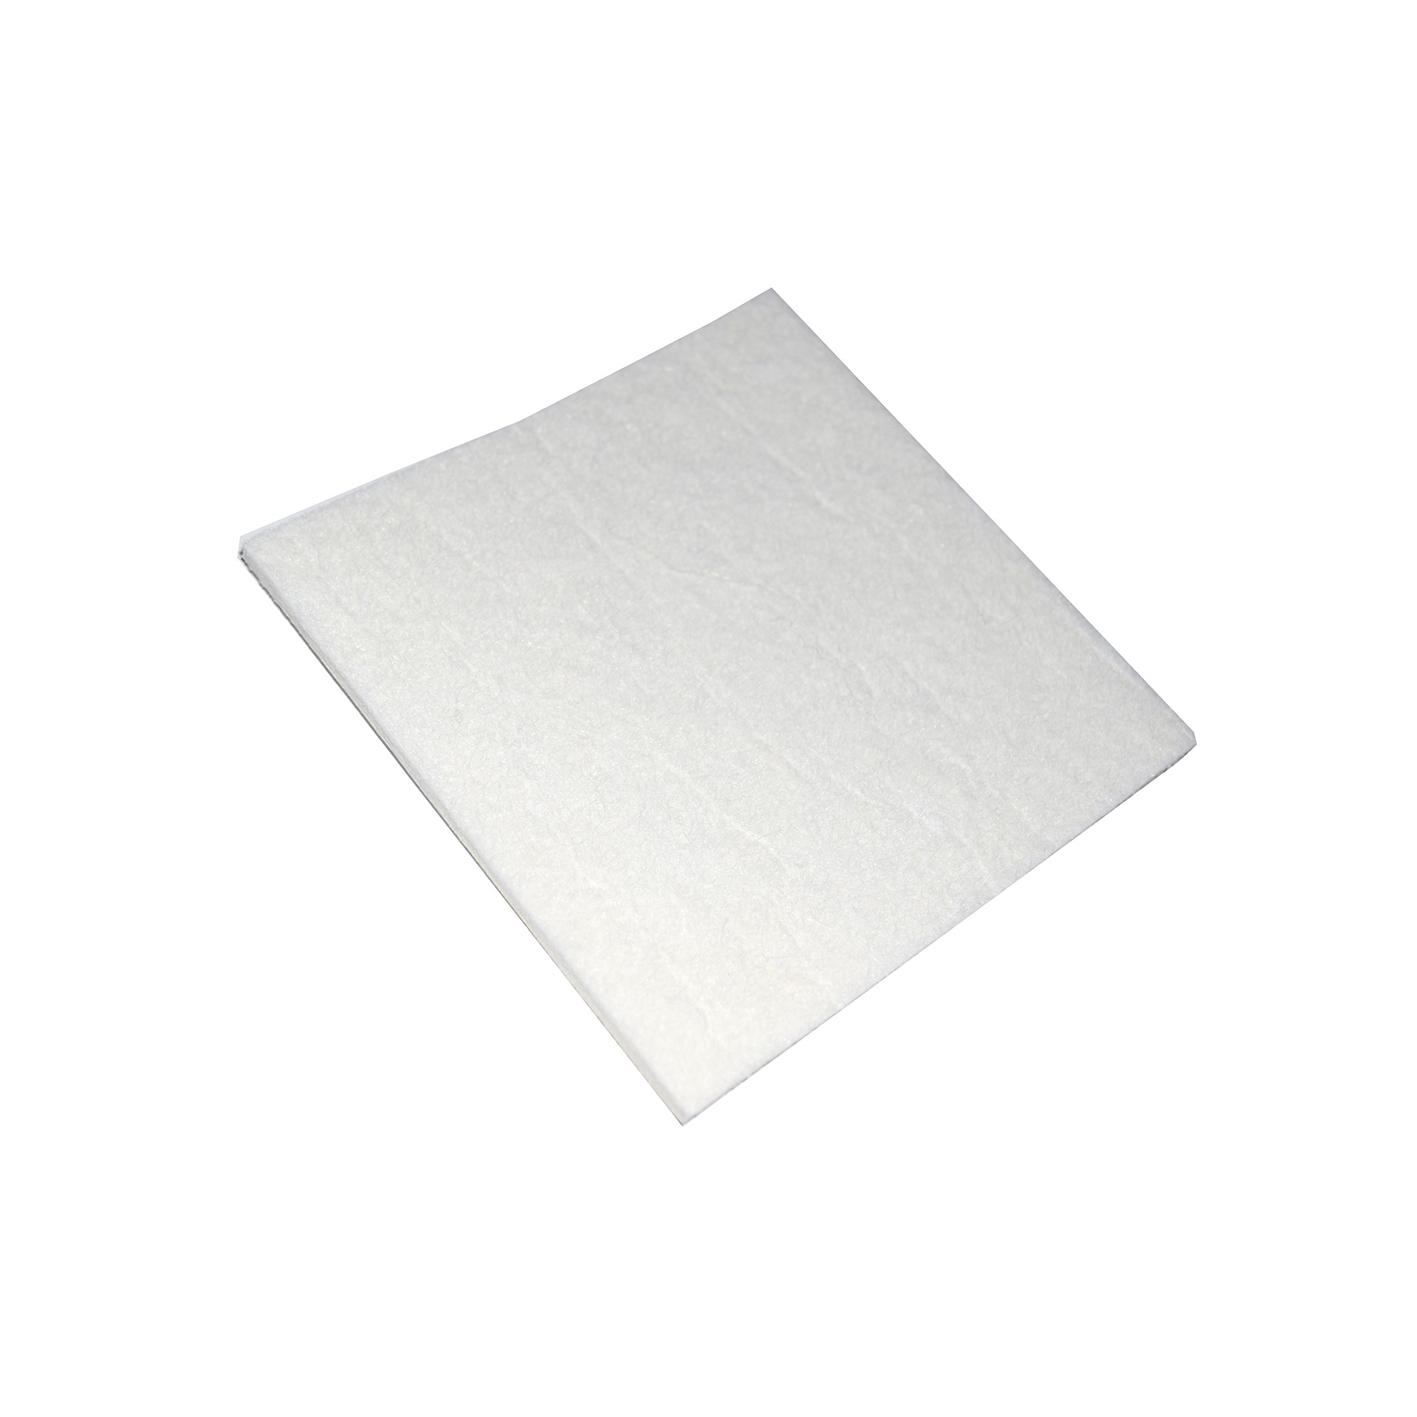 FELTRINI AD BIA 1 PLACC 100X100 PZ1